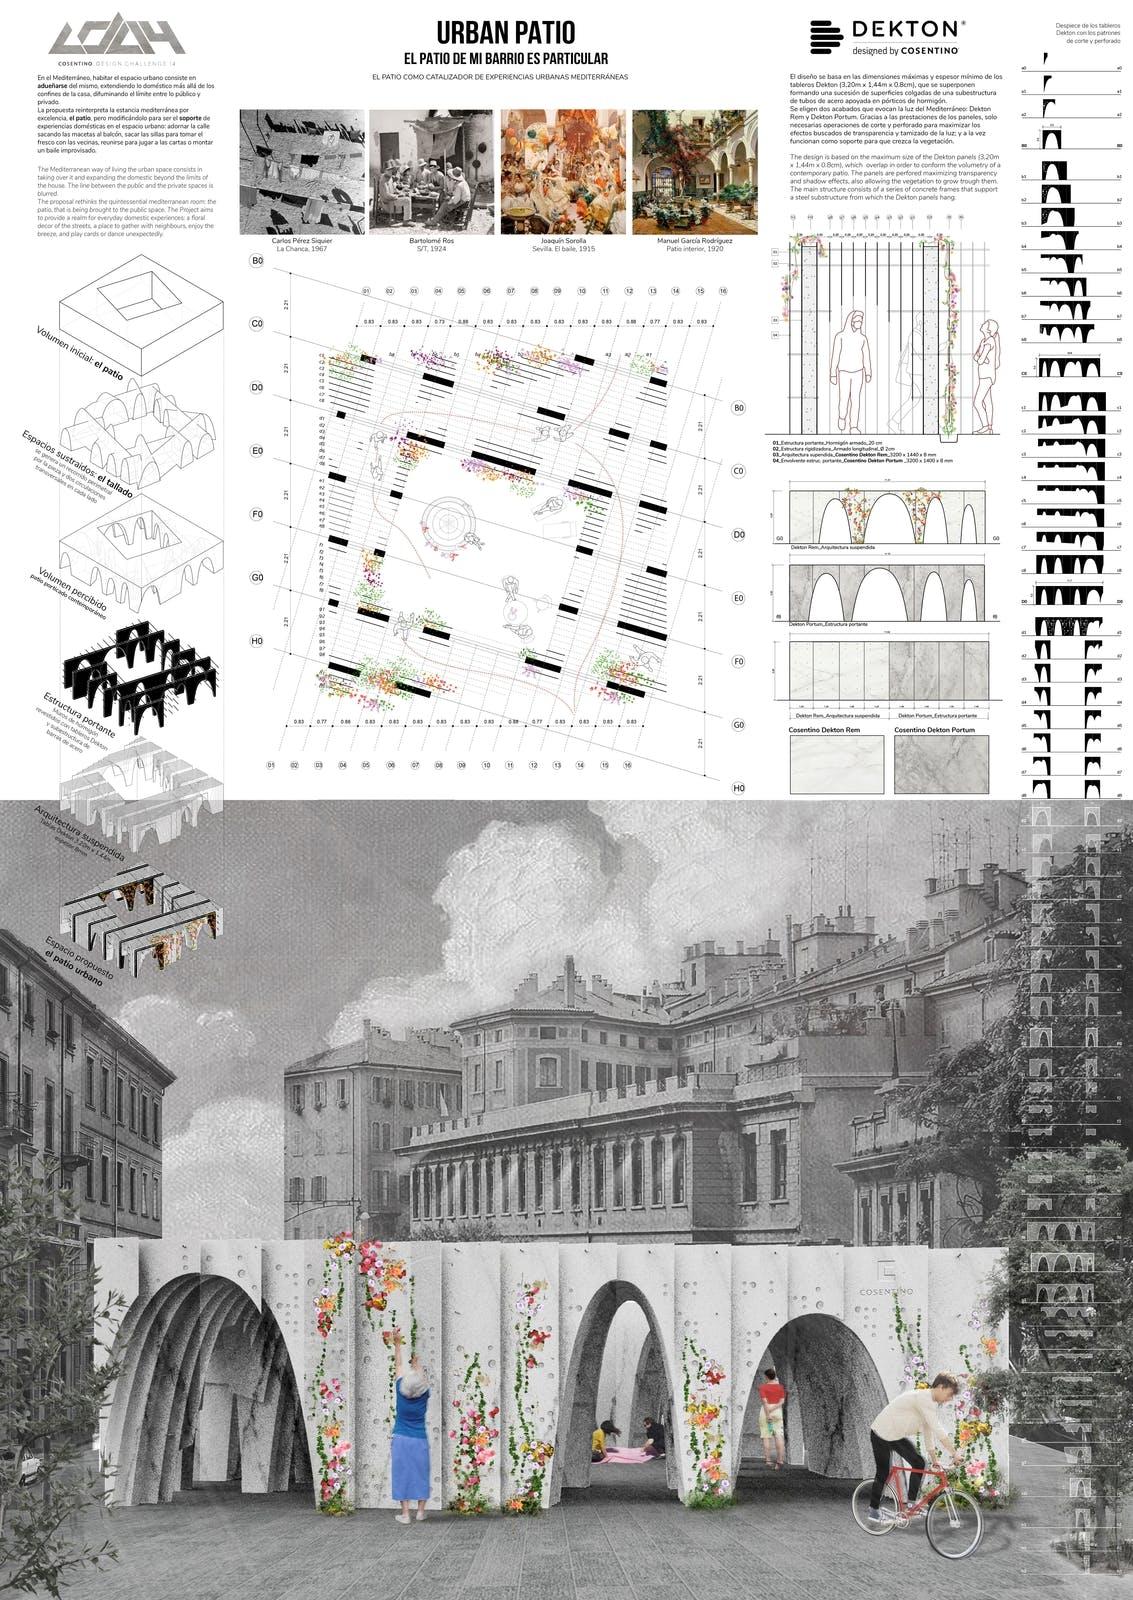 Image of 067 URBAN PATIO s 1 in Ganadores Cosentino Design Challenge 14 - Cosentino